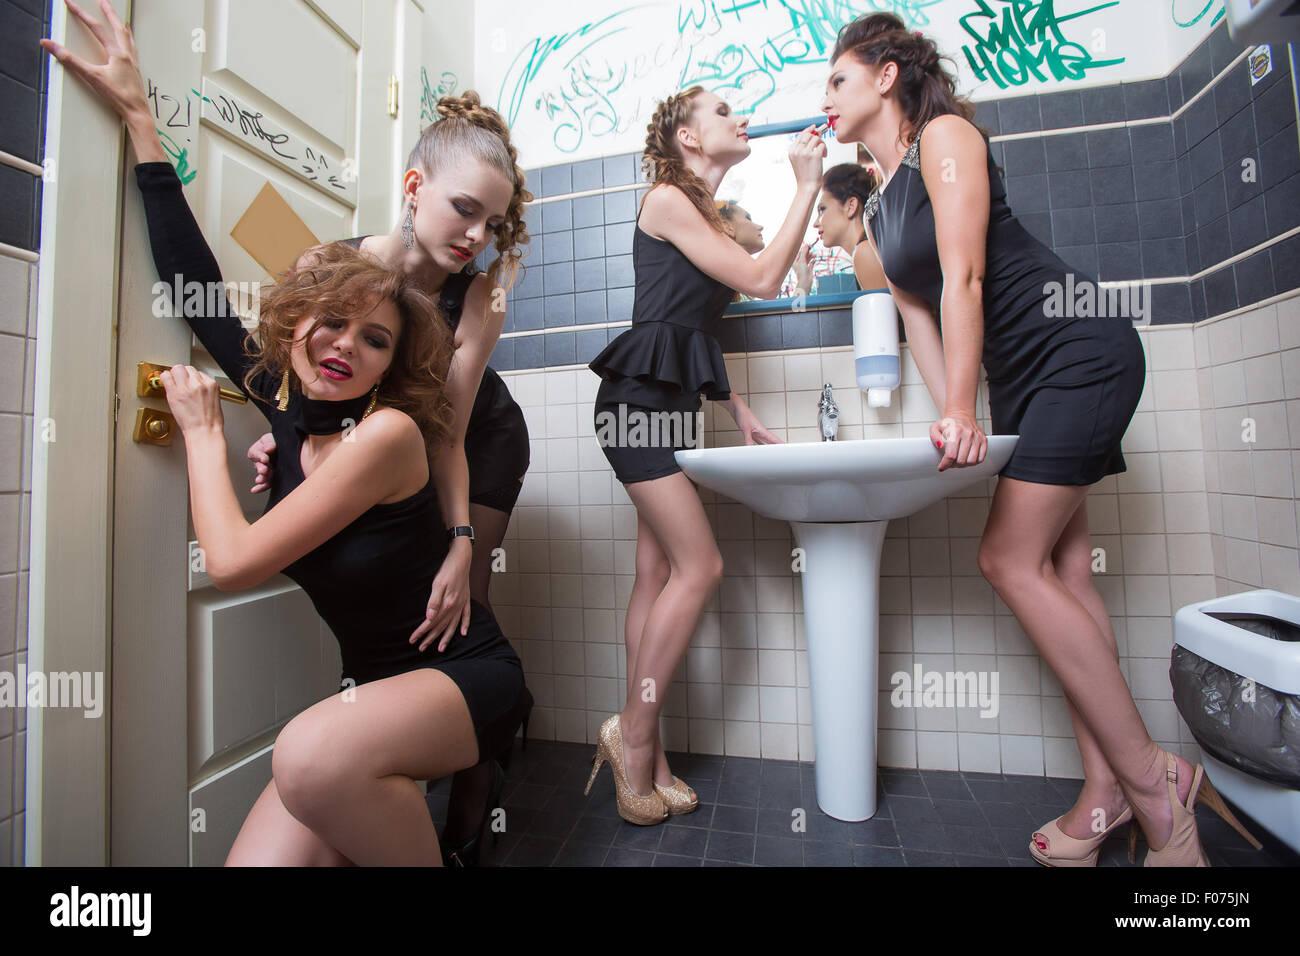 Секс пьяный подругой, Порно пьяных и бухих девушек в секс видео роликах 16 фотография